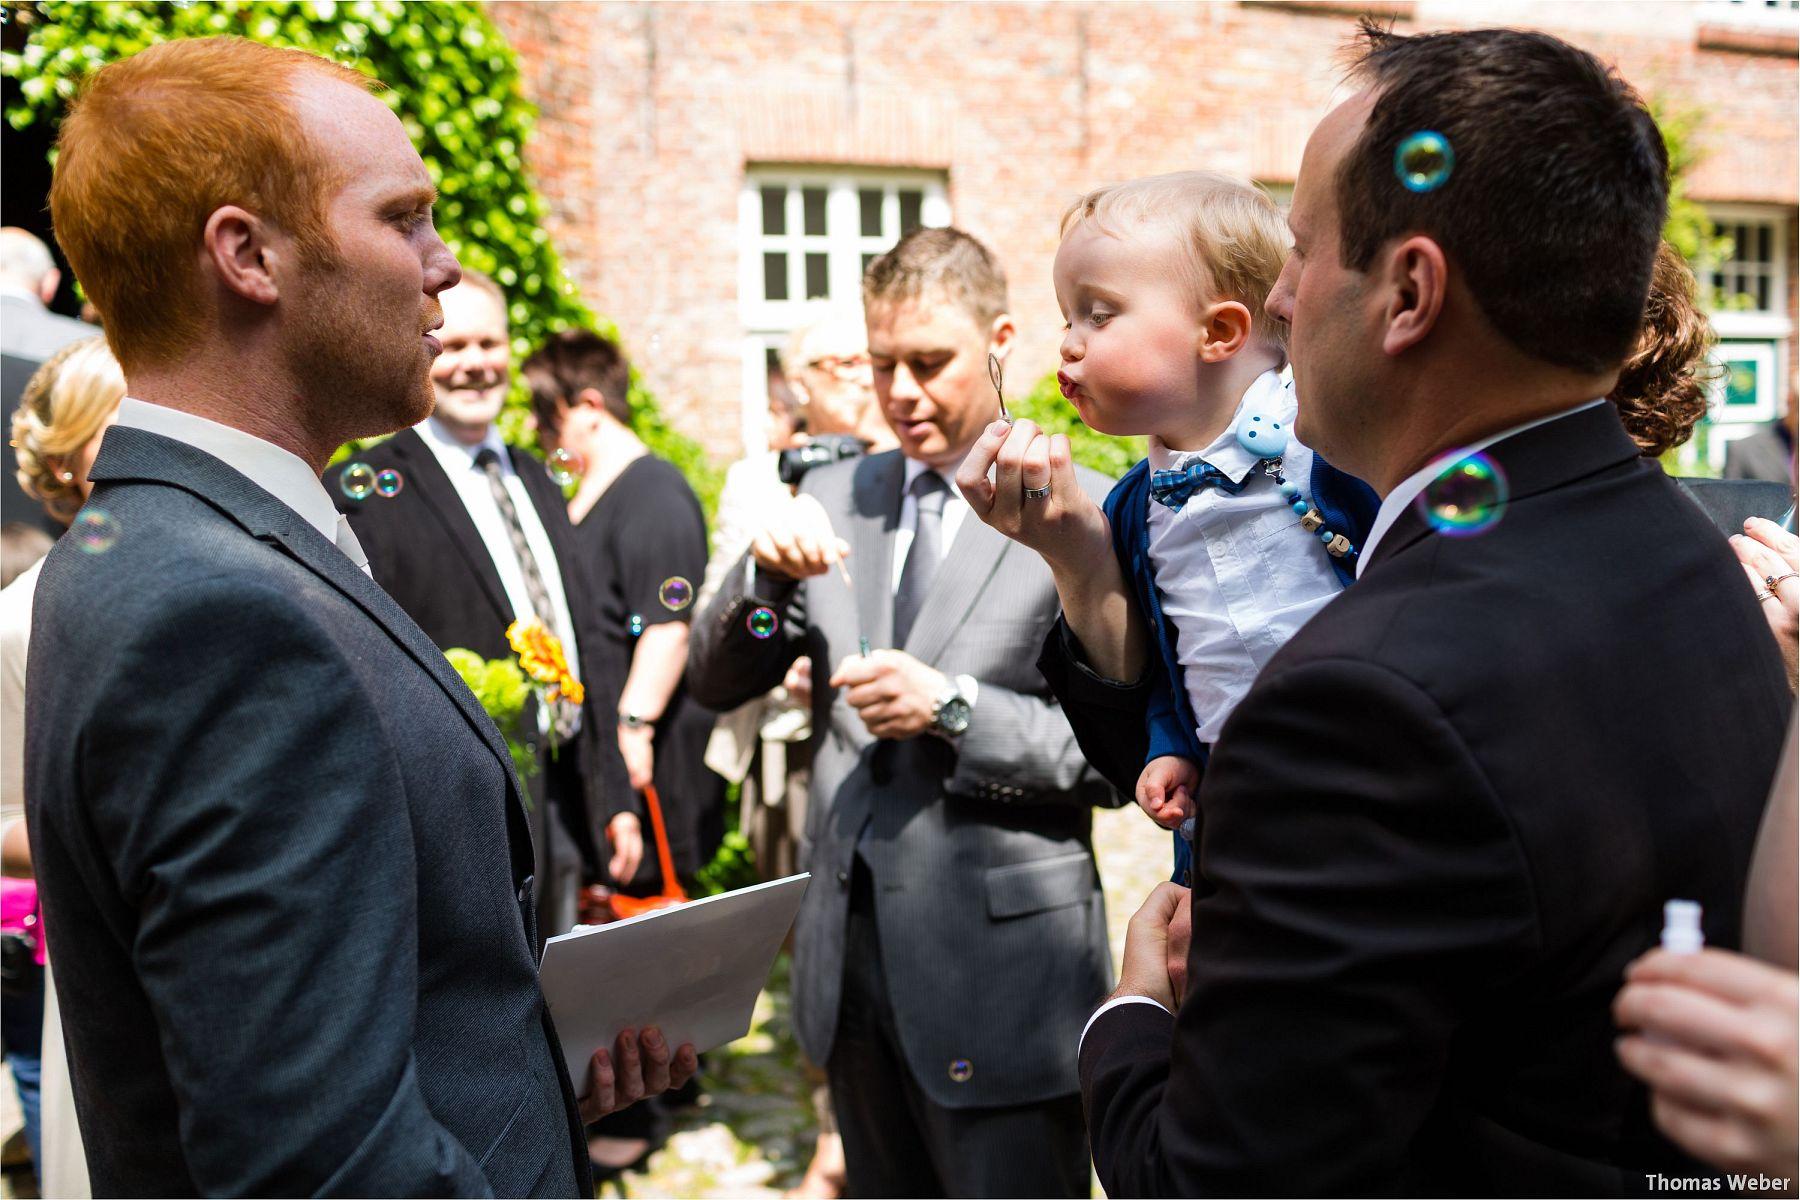 Hochzeitsfotograf Papenburg: Standesamtliche Trauung auf der Burg Kniphausen und Feier im Le Patron am Meer (18)